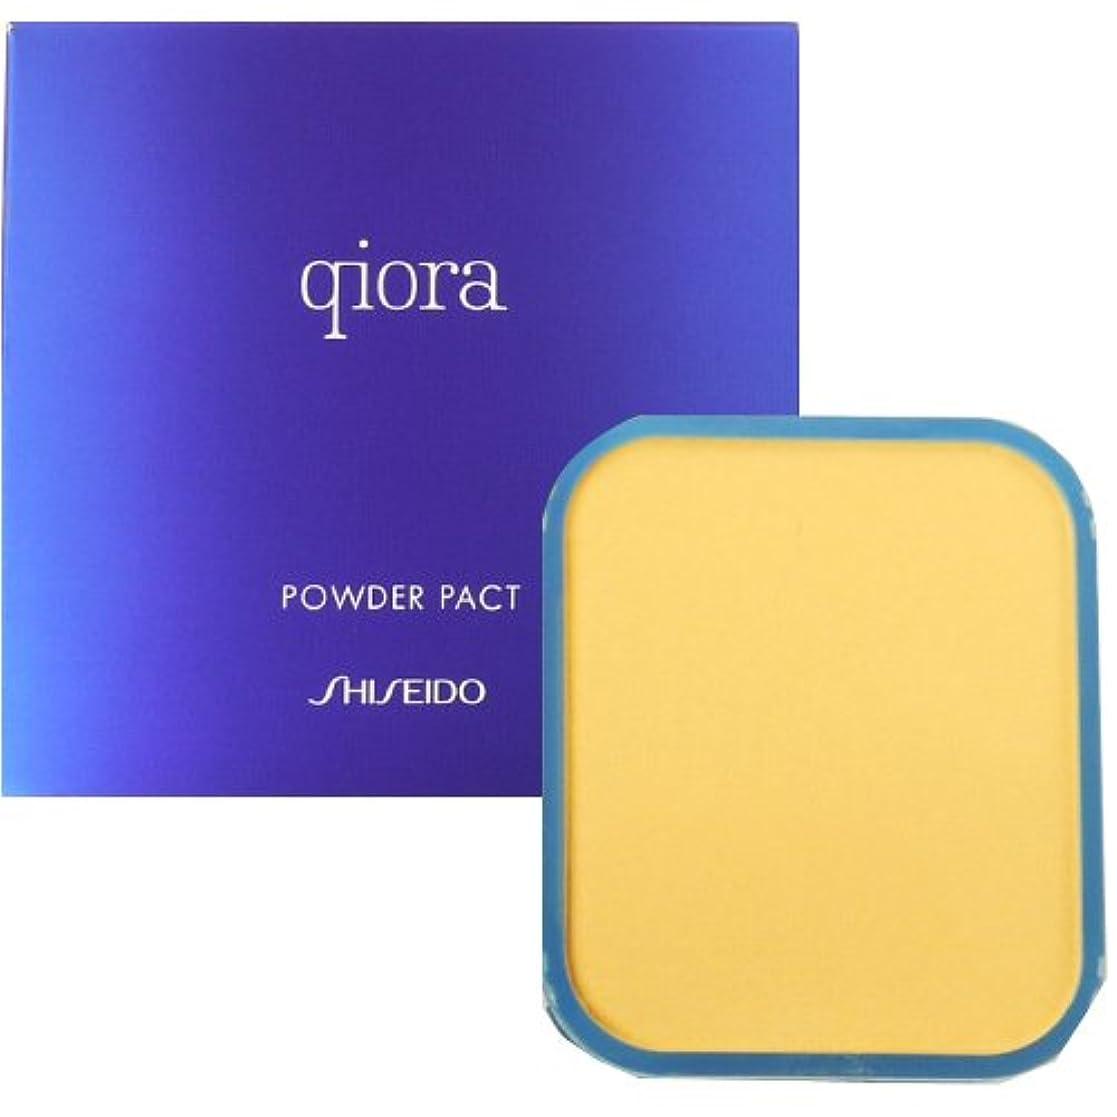 メイド緊張多様な資生堂 キオラ qiora パウダーパクト SPF17 PA++ 【詰め替え用】 10g【ピンクオークル10】